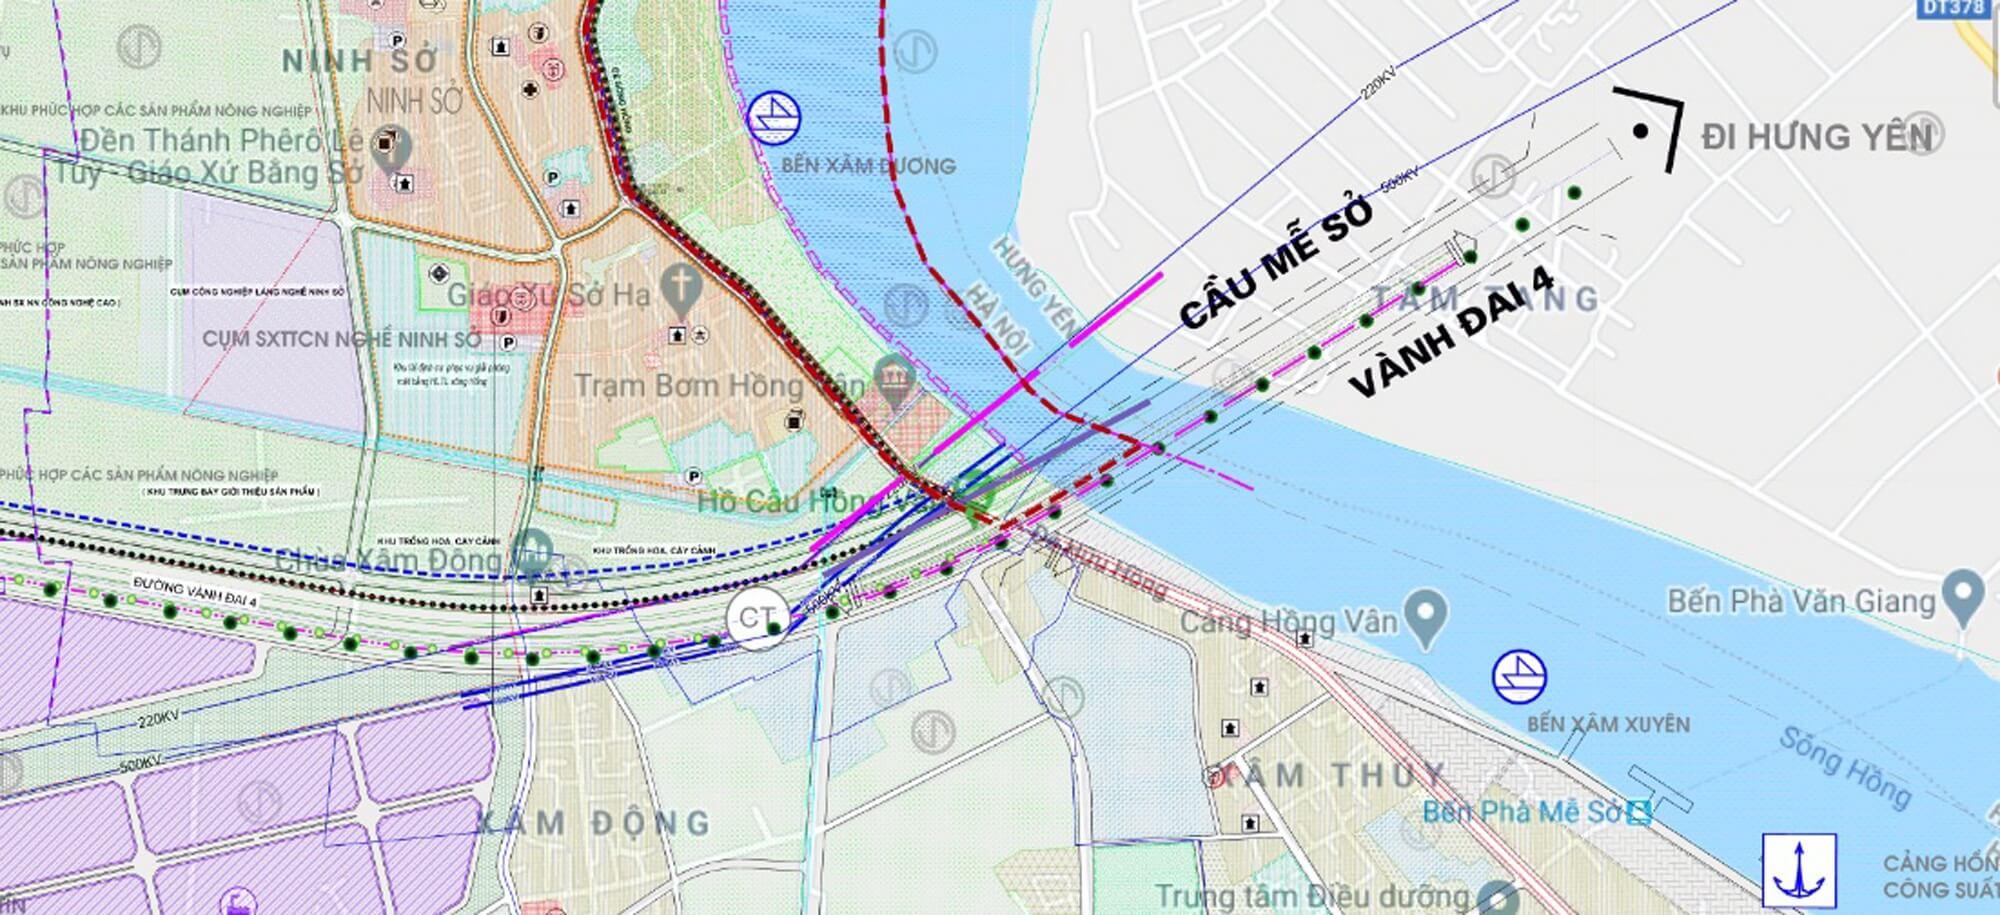 Cầu Mễ Sở sẽ nối huyện Thường Tín, Hà Nội với huyện Văn Giang, Hưng Yên.